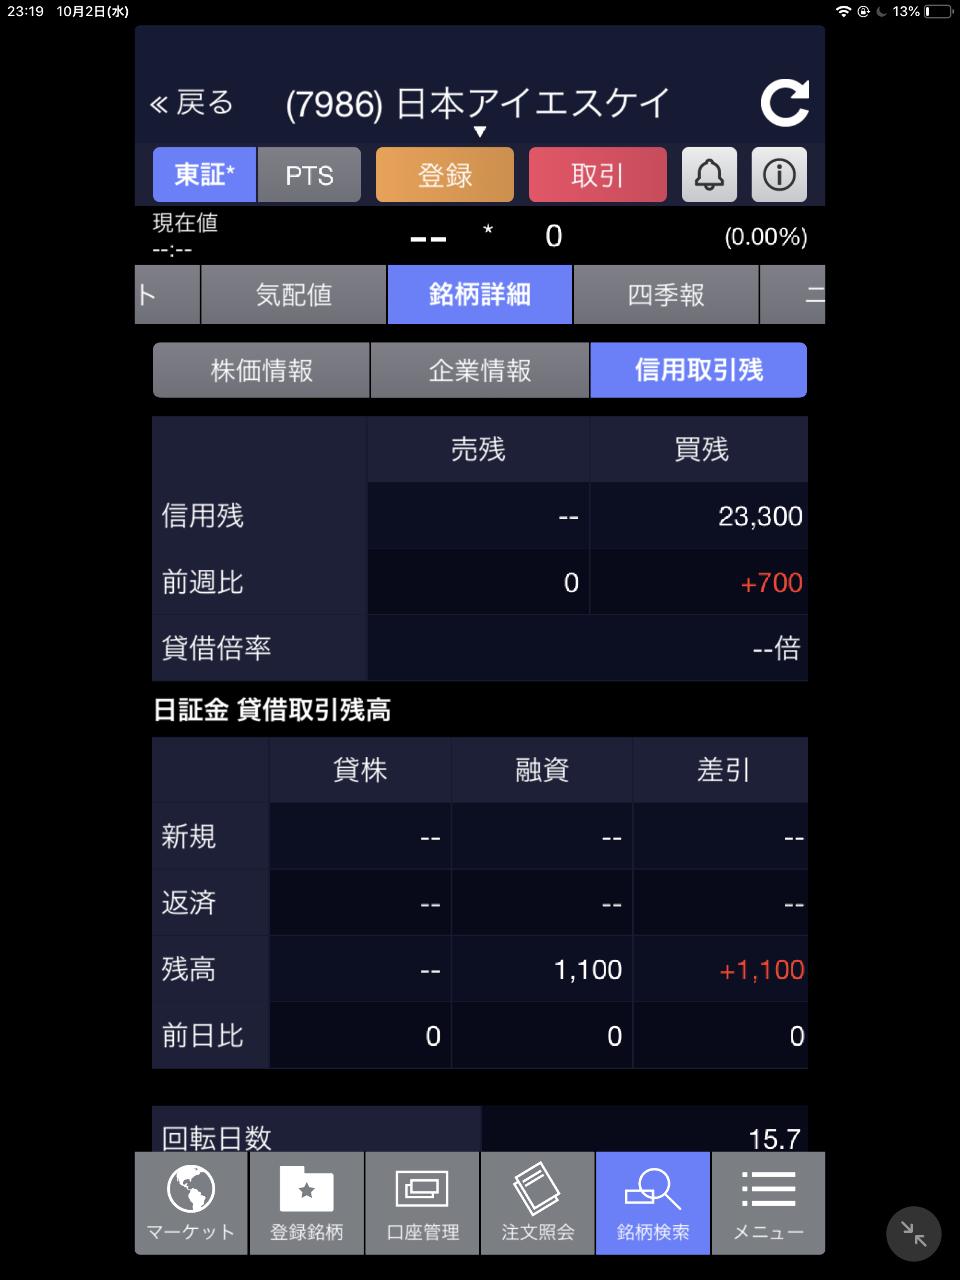 7986 - 日本アイ・エス・ケイ(株) 信用買してる人が多いから上がらないのかな 安い気がするね